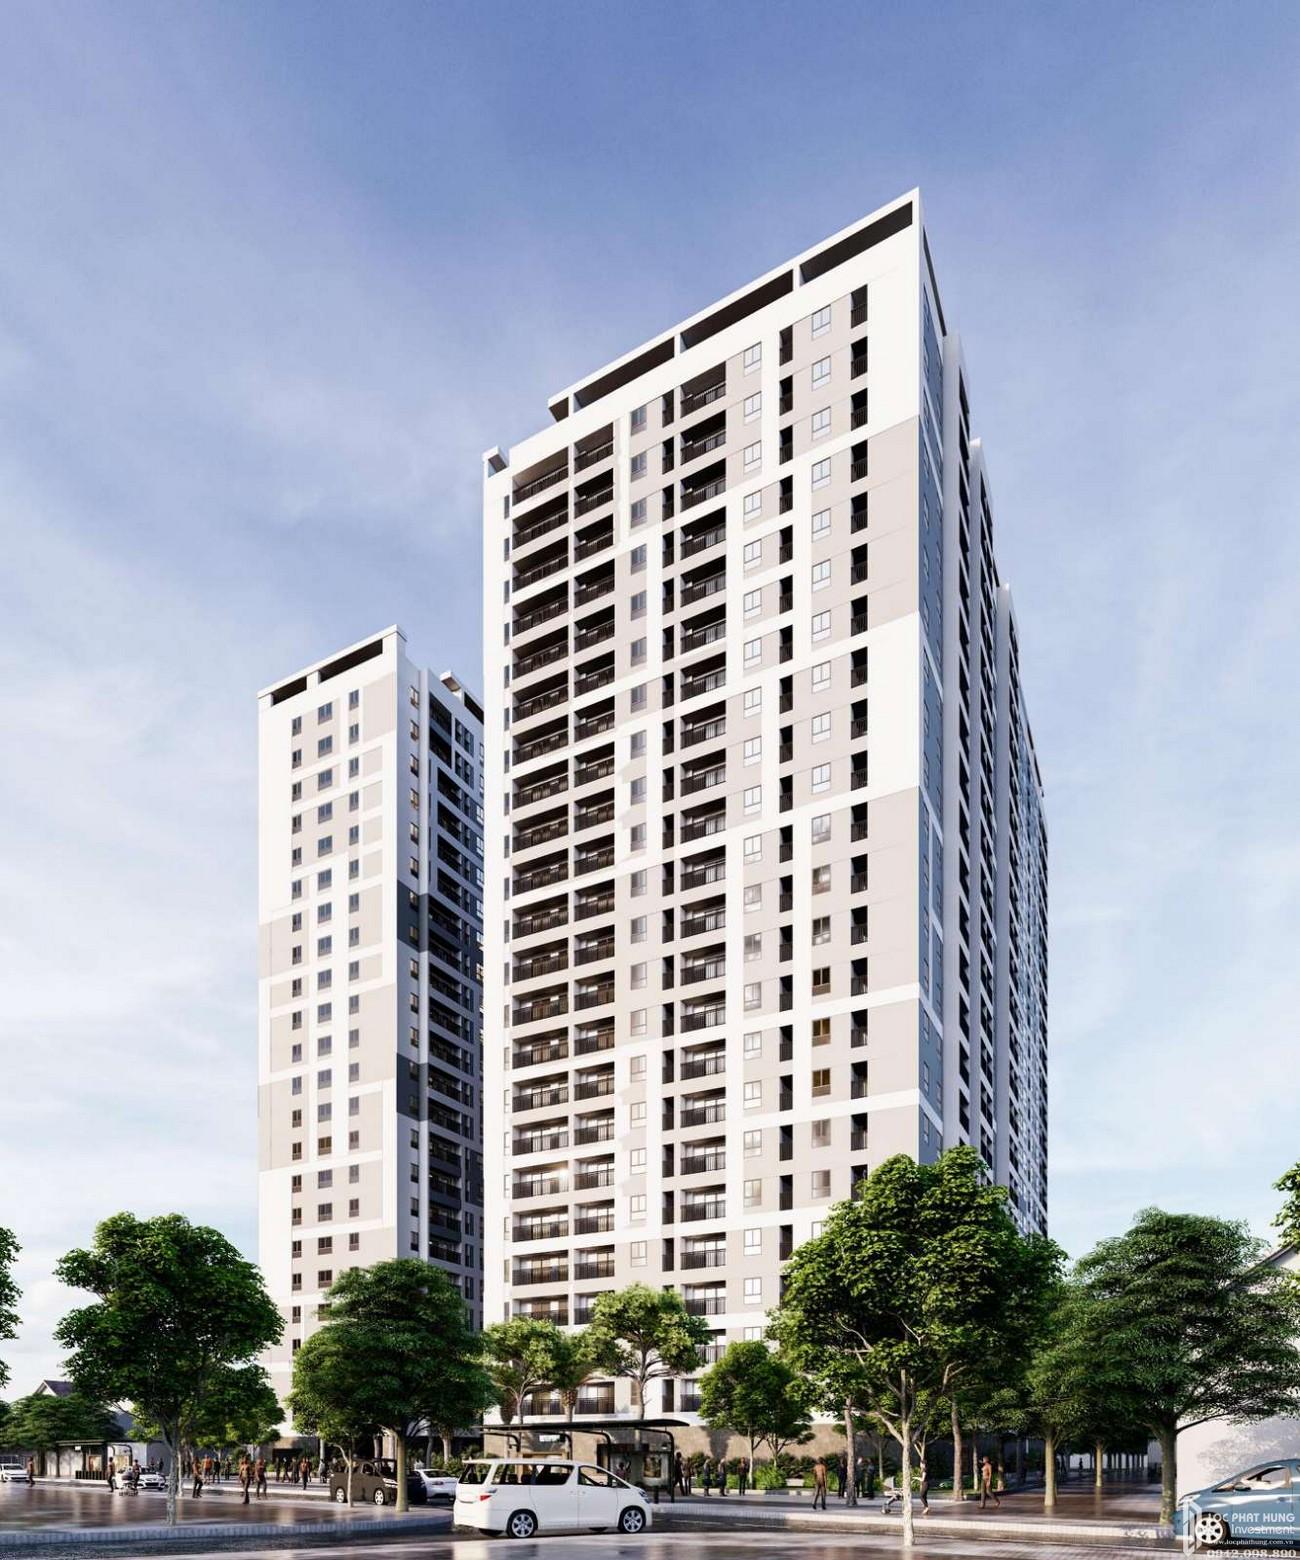 Phối cảnh tổng thể dự án căn hộ chung cư Parkview Apartment Thuận An